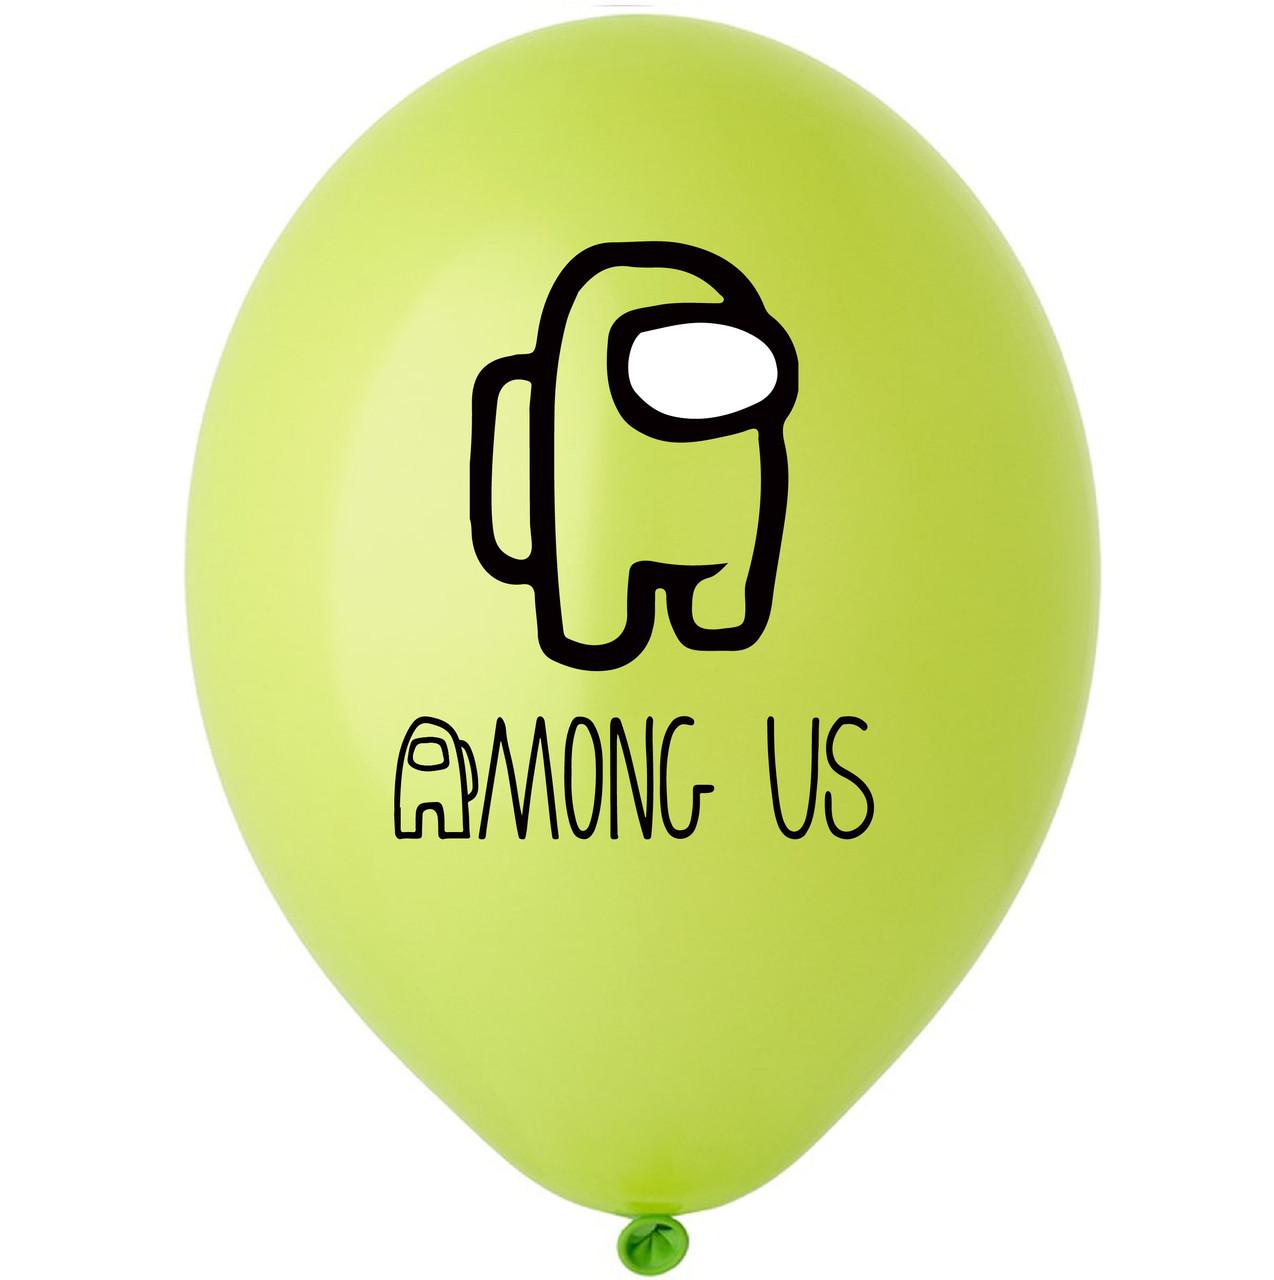 """Латексна кулька 12"""" зелена з  малюнком """"Among us"""" (BelBal)"""